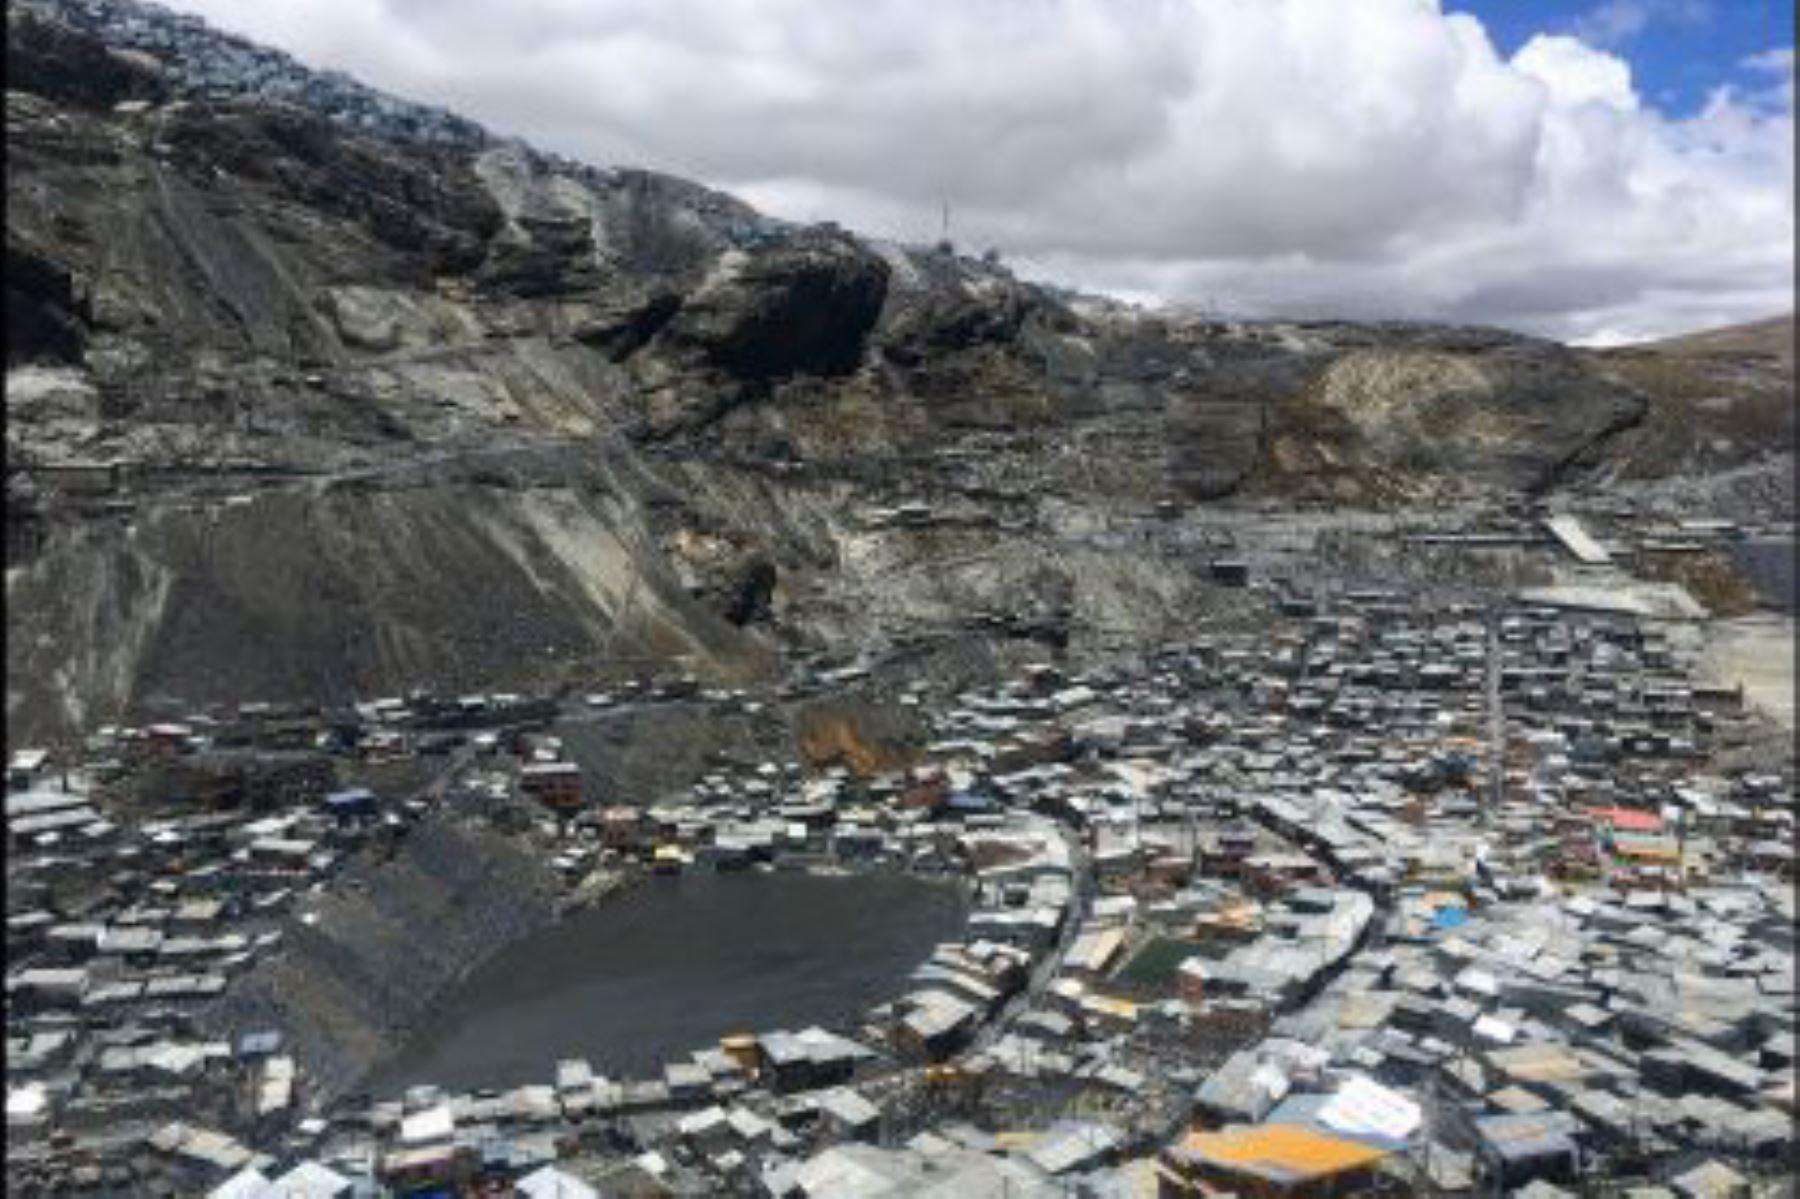 Por estar ubicada a 5,100 metros sobre el nivel del mar, el centro poblado de La Rinconada, en el departamento de Puno, es considerado como la urbe de mayor altitud y una de las más extremas del planeta, por lo que ha empezado a concitar el interés de los aficionados a deportes de aventura como el montañismo y el excursionismo.